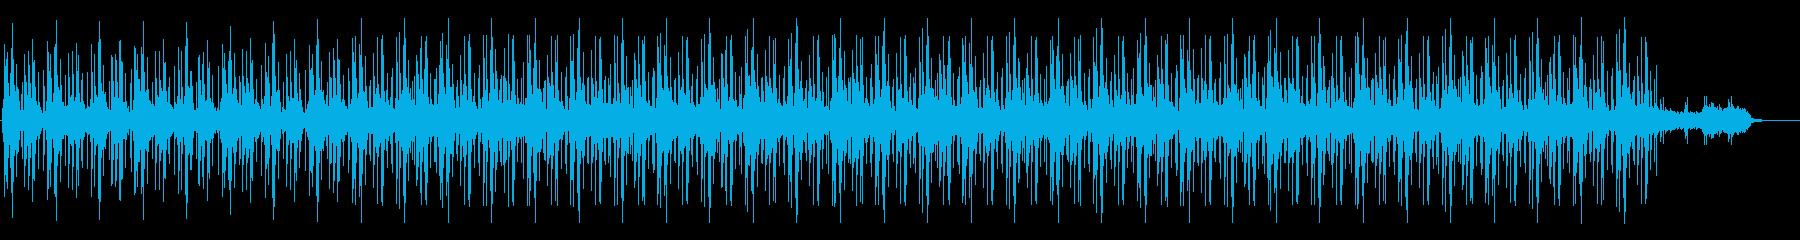 テクスチャー:エレクトロ、発展、モダンの再生済みの波形